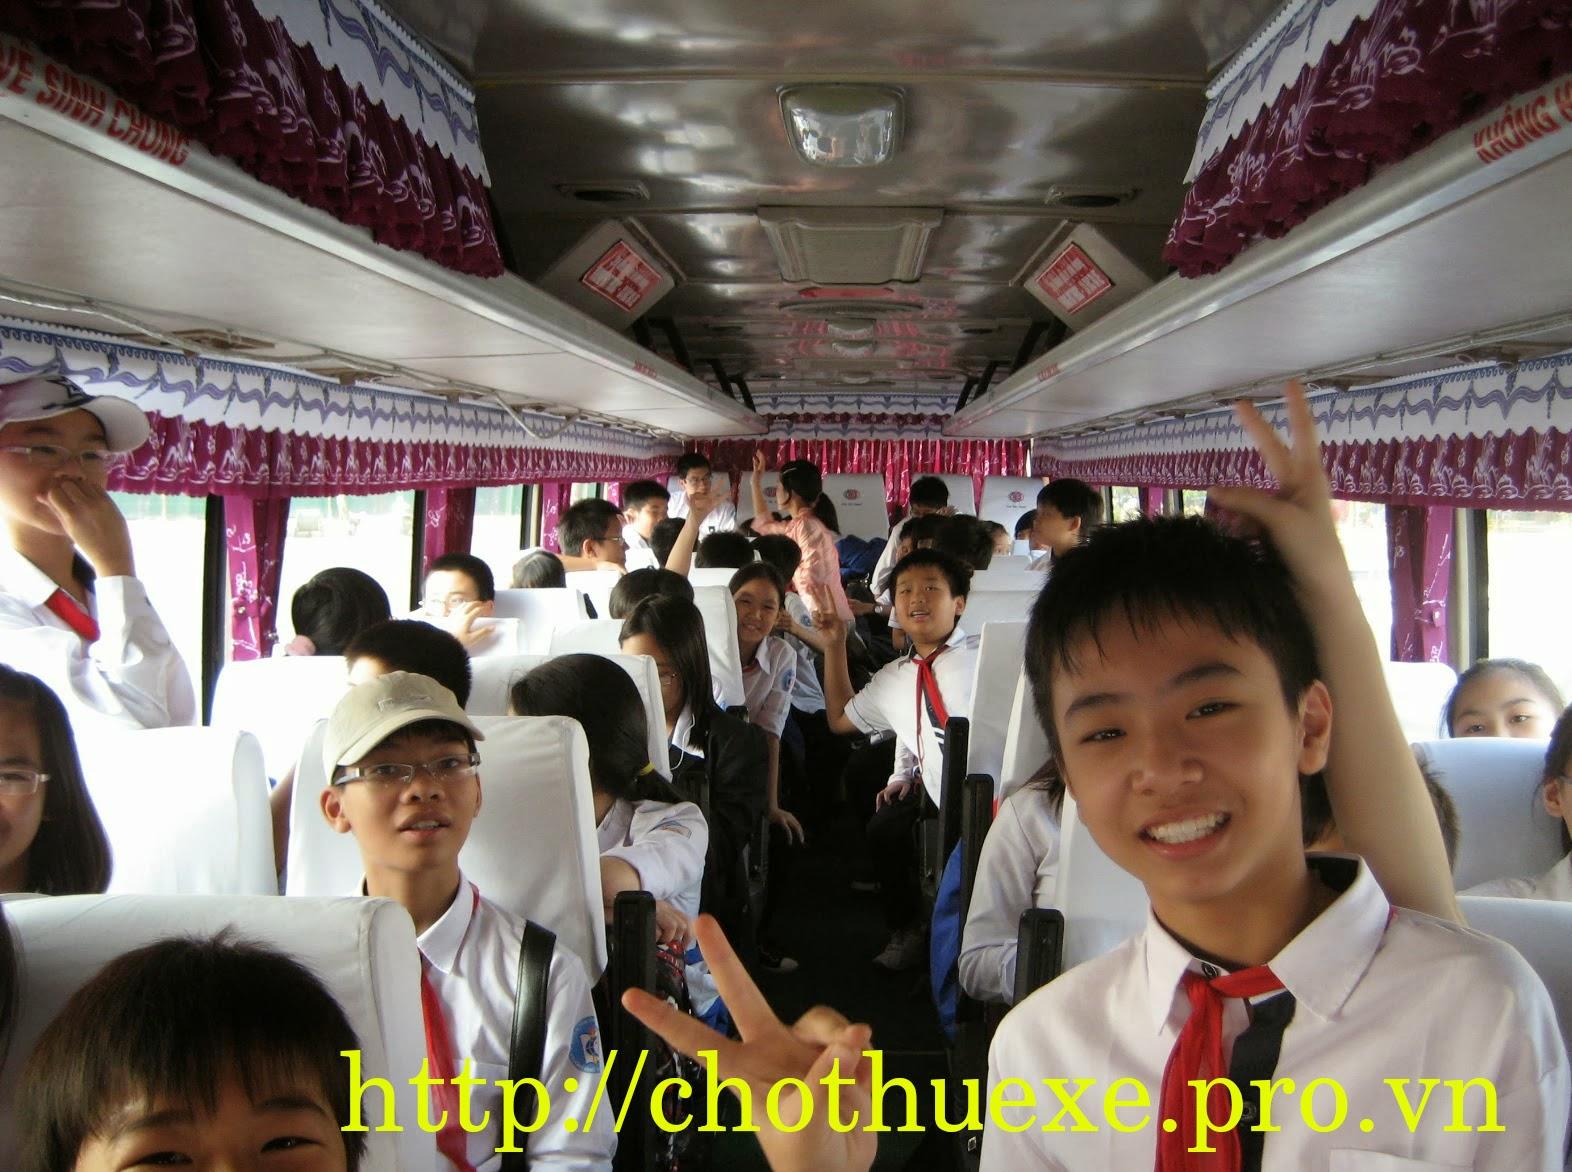 Cho thuê xe đưa đón học sinh tại Hà Nội, dòng xe 16 đến 45 chỗ